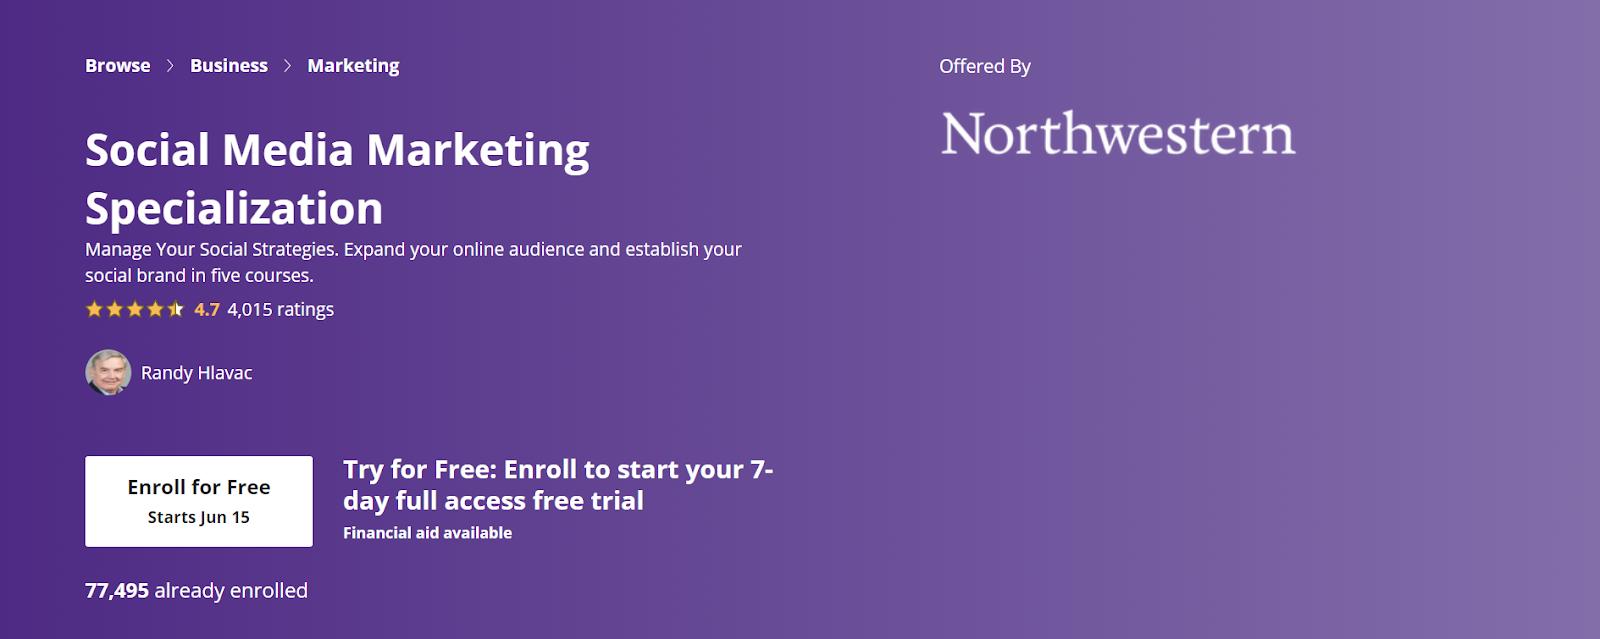 Los mejores cursos de marketing en redes sociales en comparación con Crazy Egg - 1630951188 593 Los mejores cursos de marketing en redes sociales en comparacion